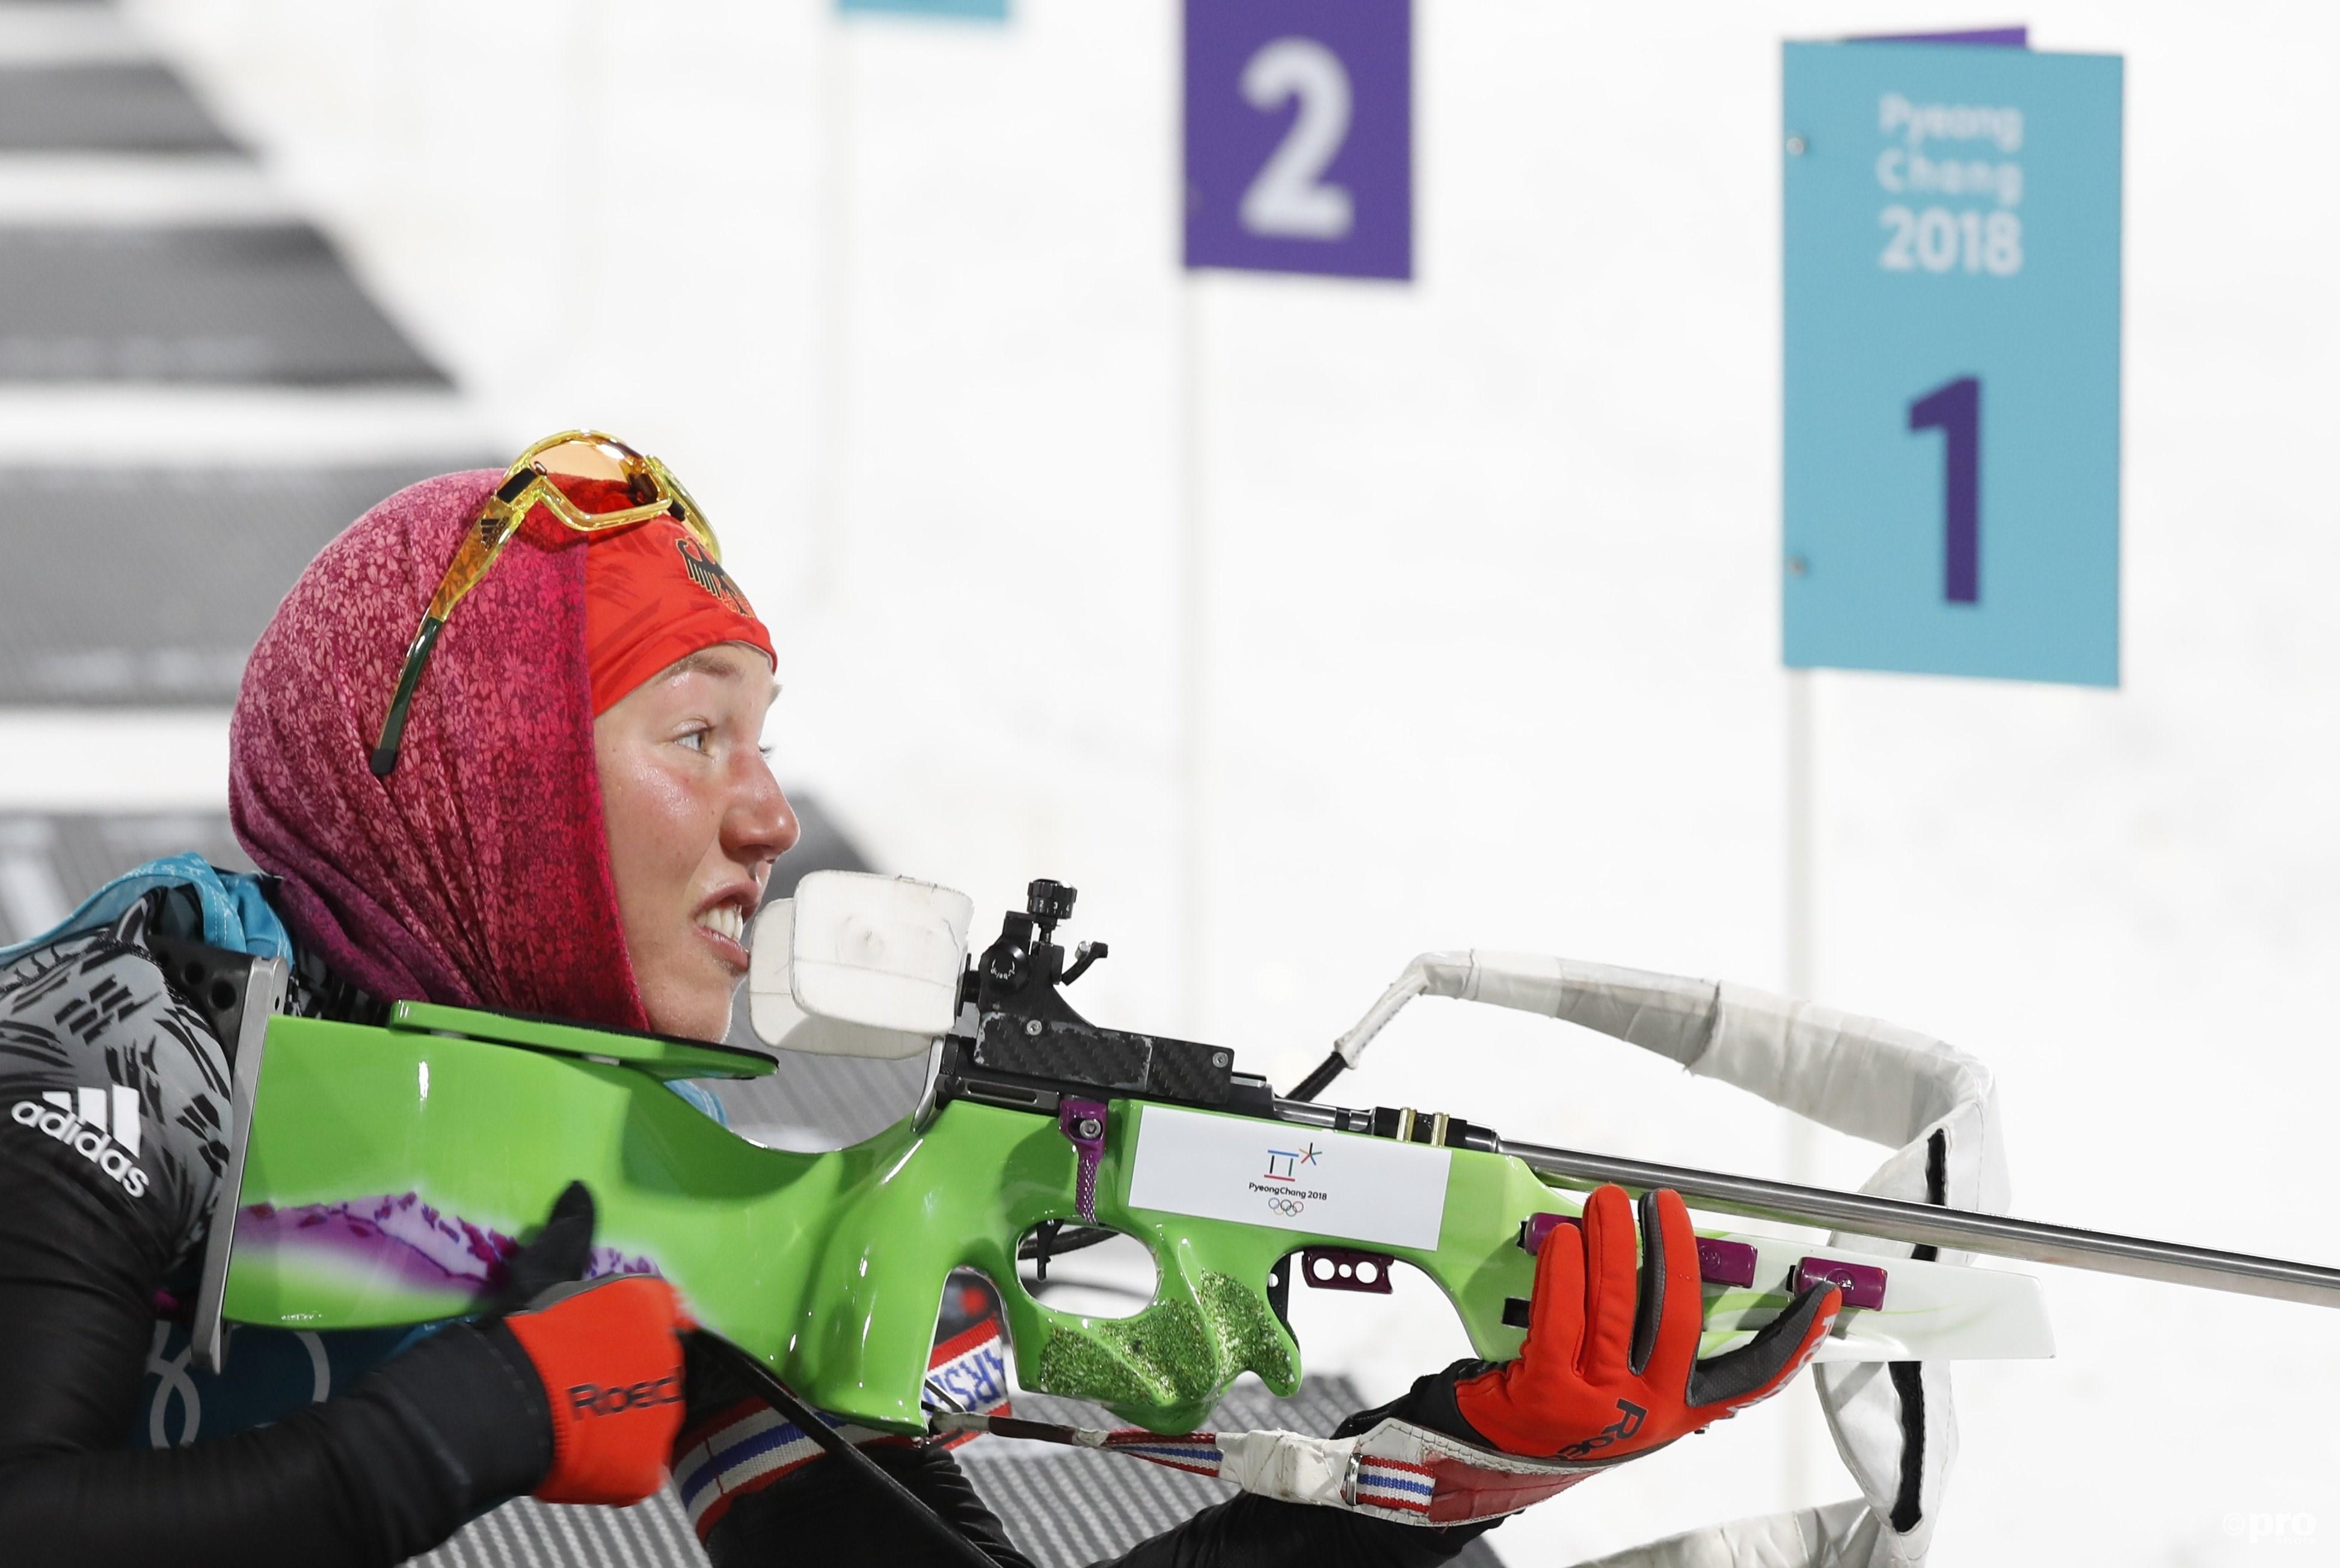 Dahlmeier op de schietbaan tijdens haar gouden achtervolging (Pro Shots/Action Images)